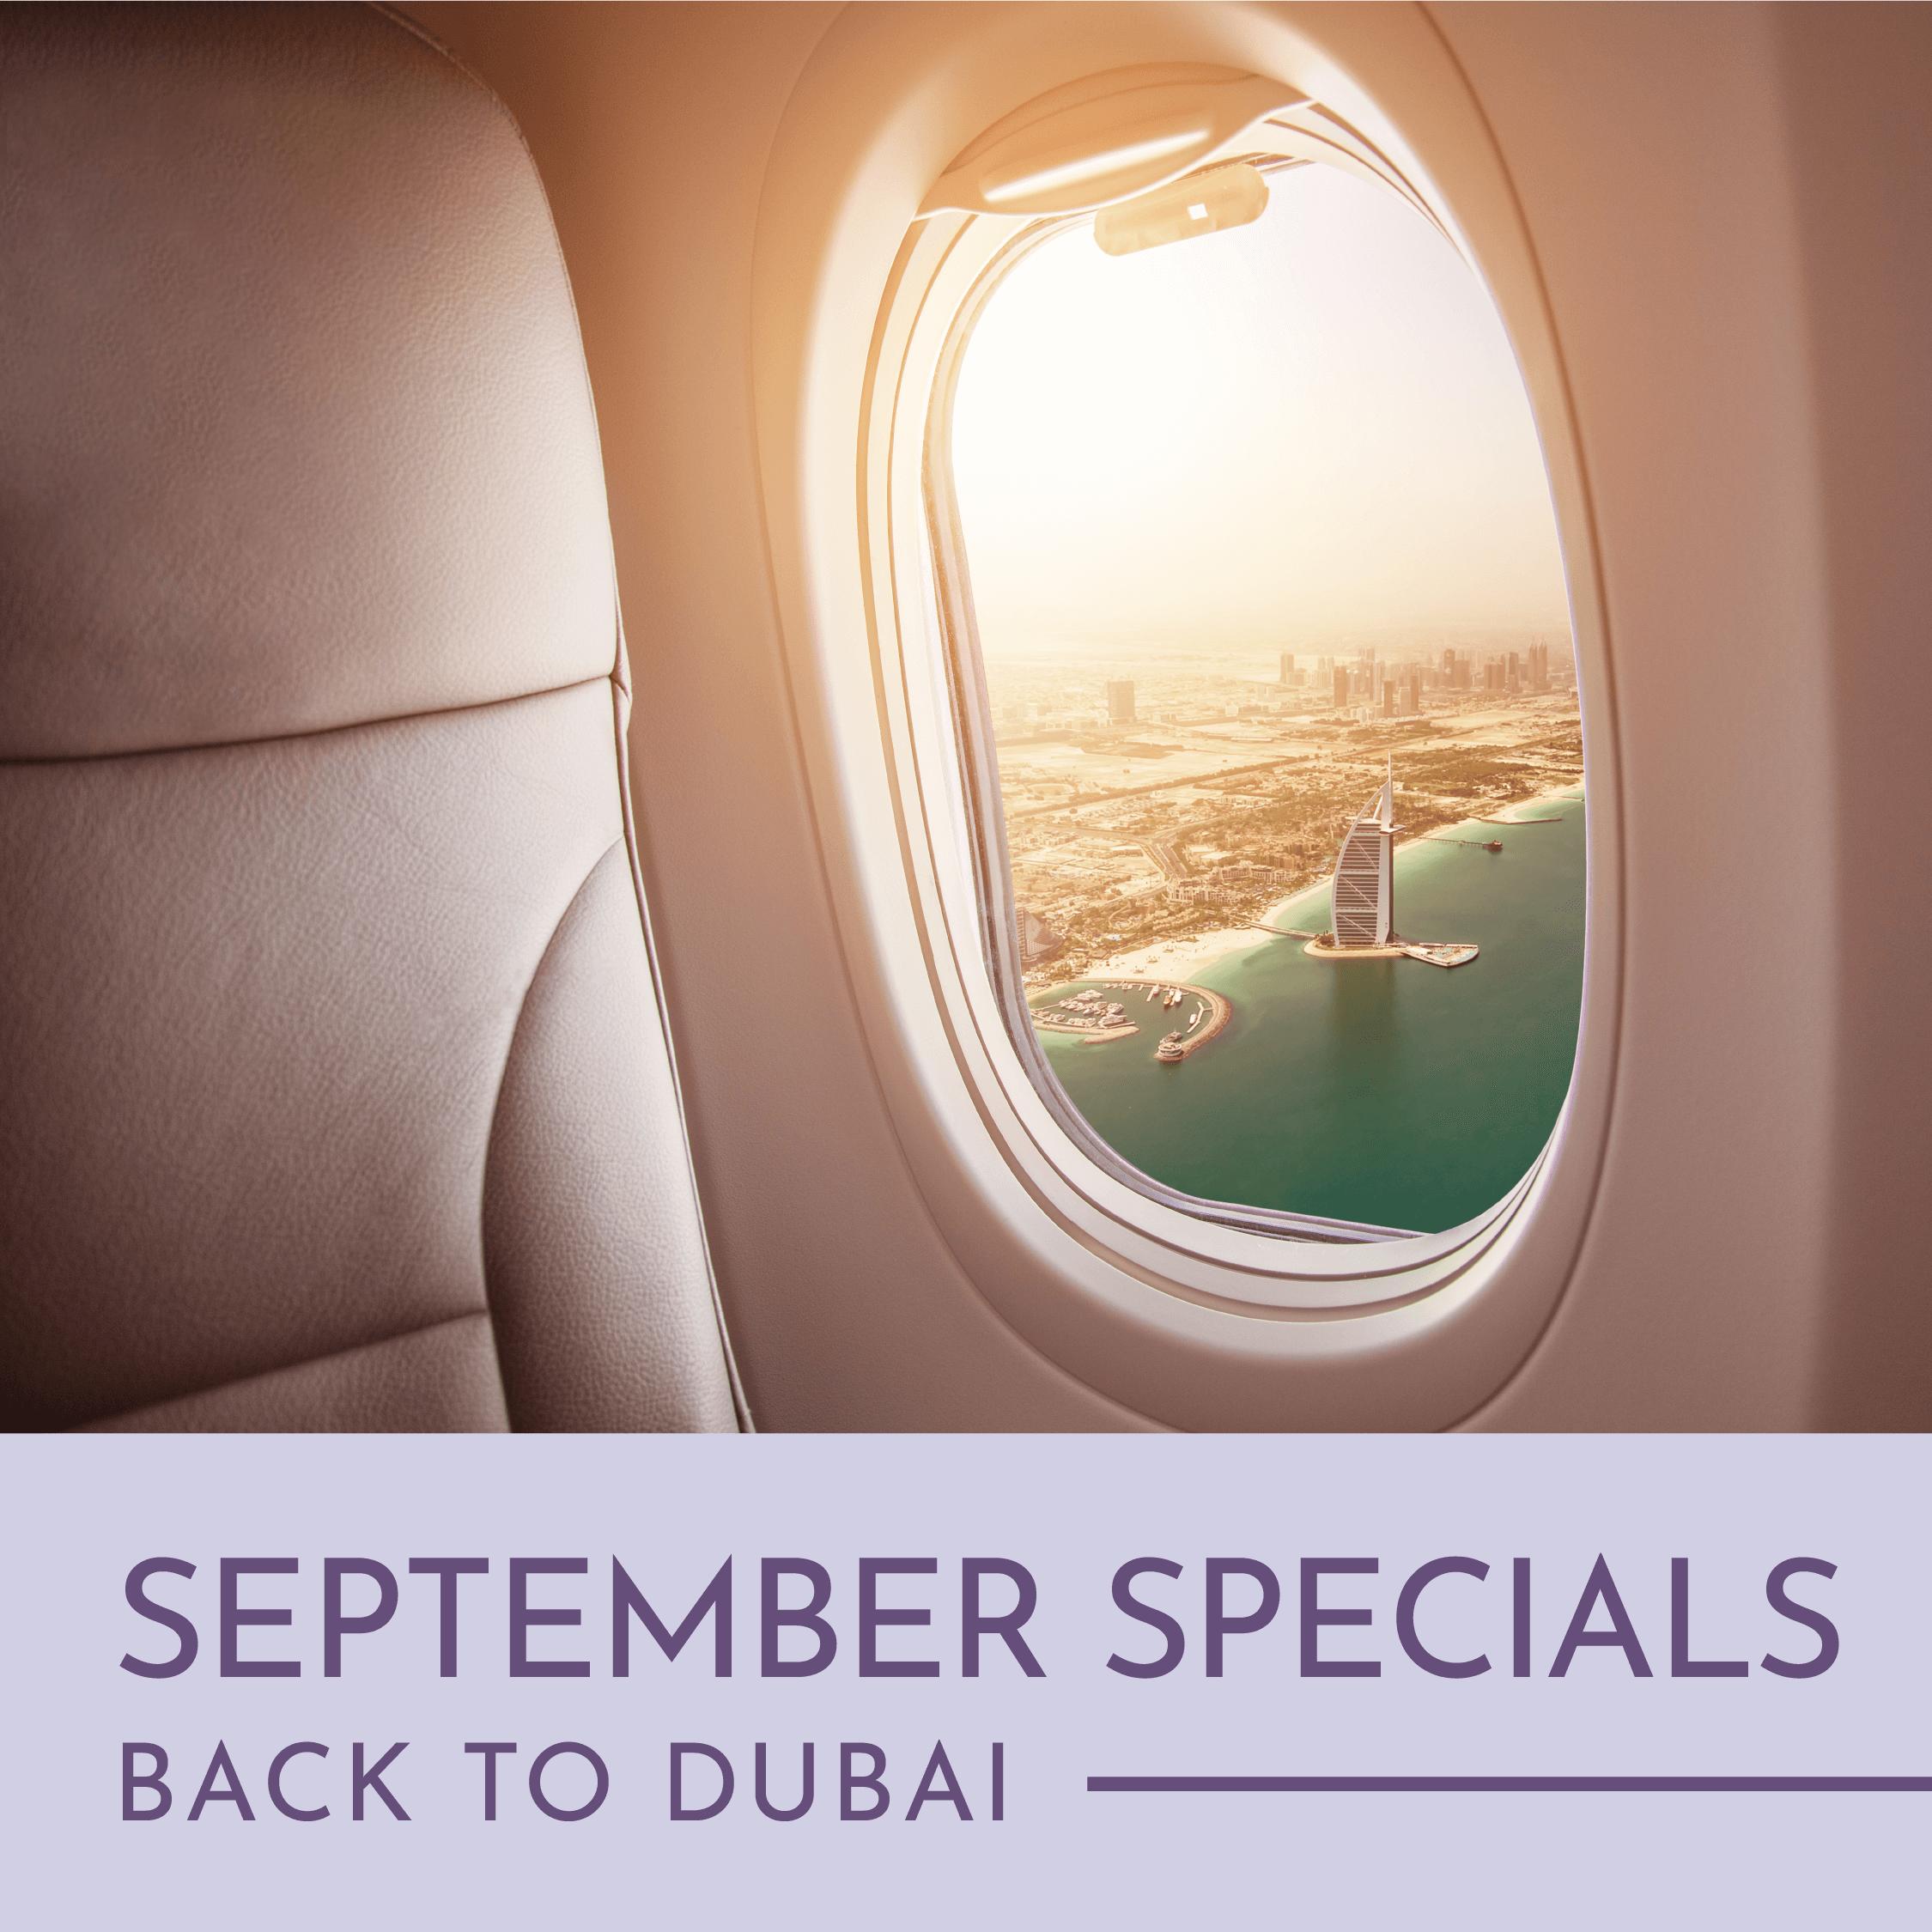 See September Specials